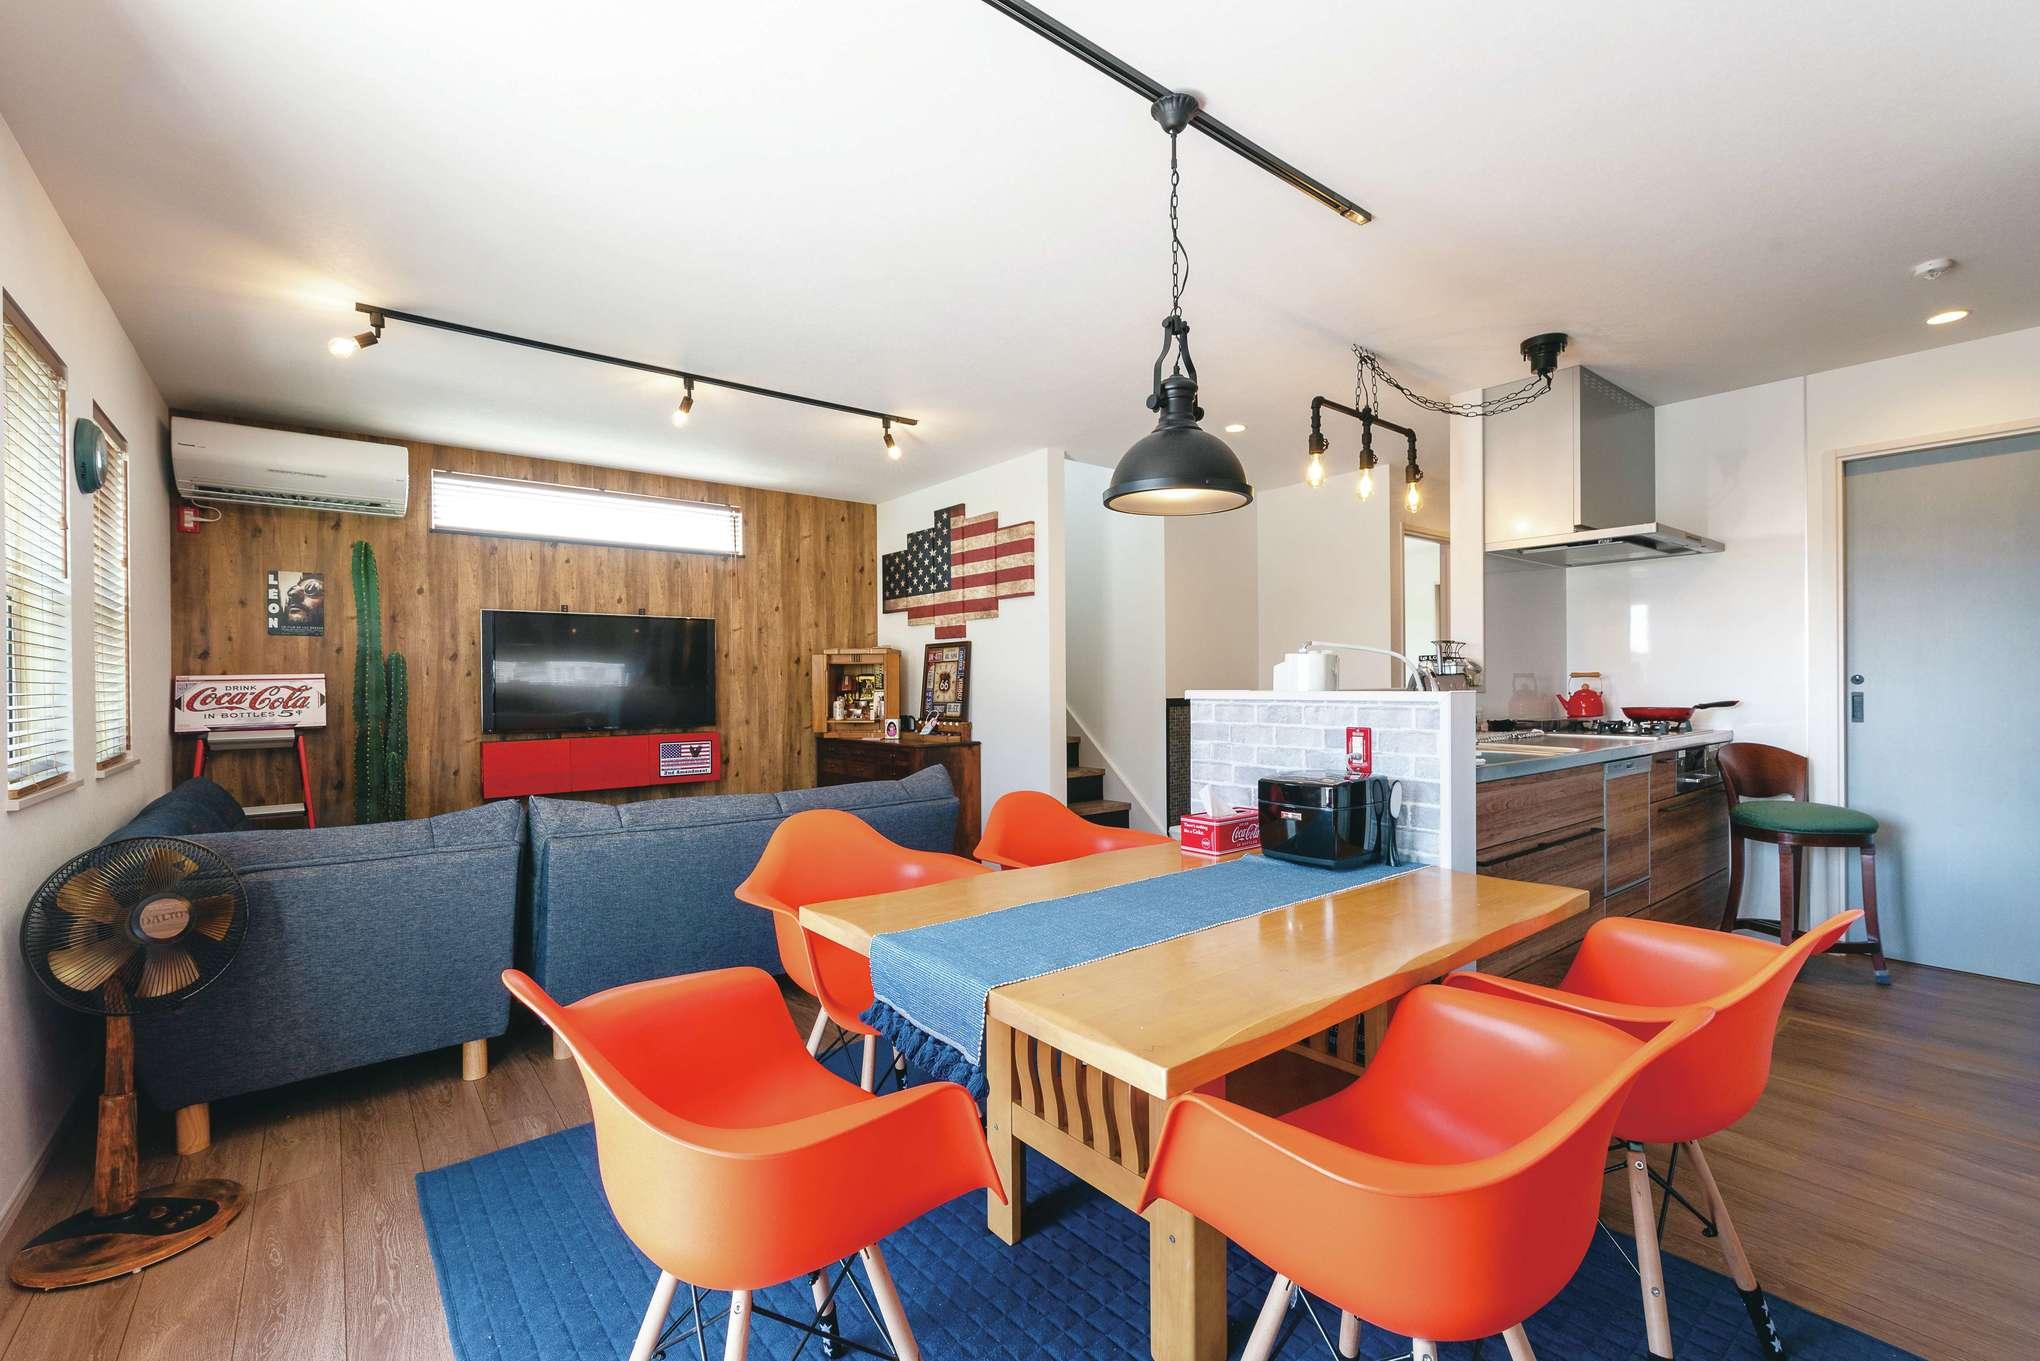 suzukuri 浜松店【デザイン住宅、インテリア、趣味】ビビッドなダイニングチェア、マットな質感のペンダントライト、タイル調のクロス、デニム地のソファなど、アメリカン&インダストリアルな雰囲気にコーディネートされたLDK